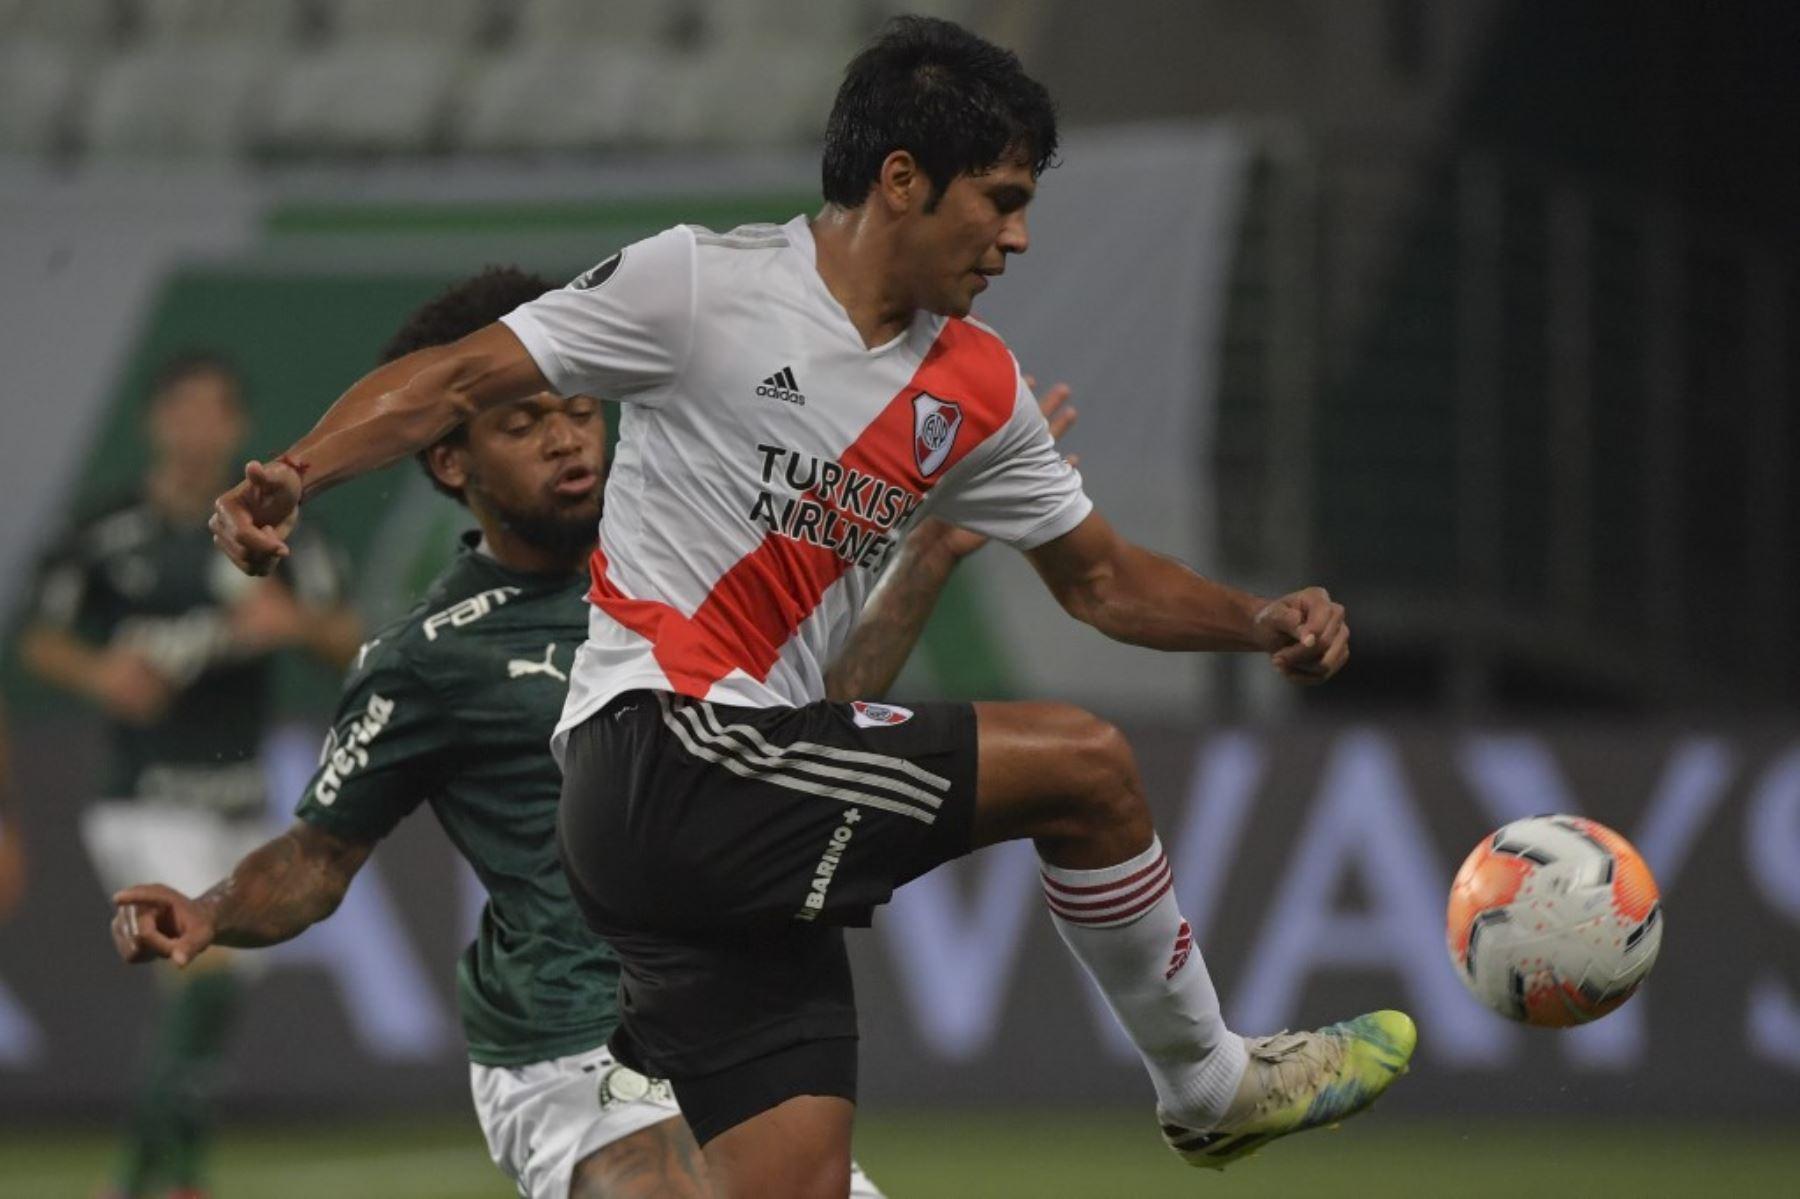 El paraguayo Robert Rojas y el brasileño Palmeiras Luiz Adriano compiten por el balón durante la semifinal de la Copa Libertadores en el estadio Allianz Parque en Sao Paulo, Brasil. Foto: AFP